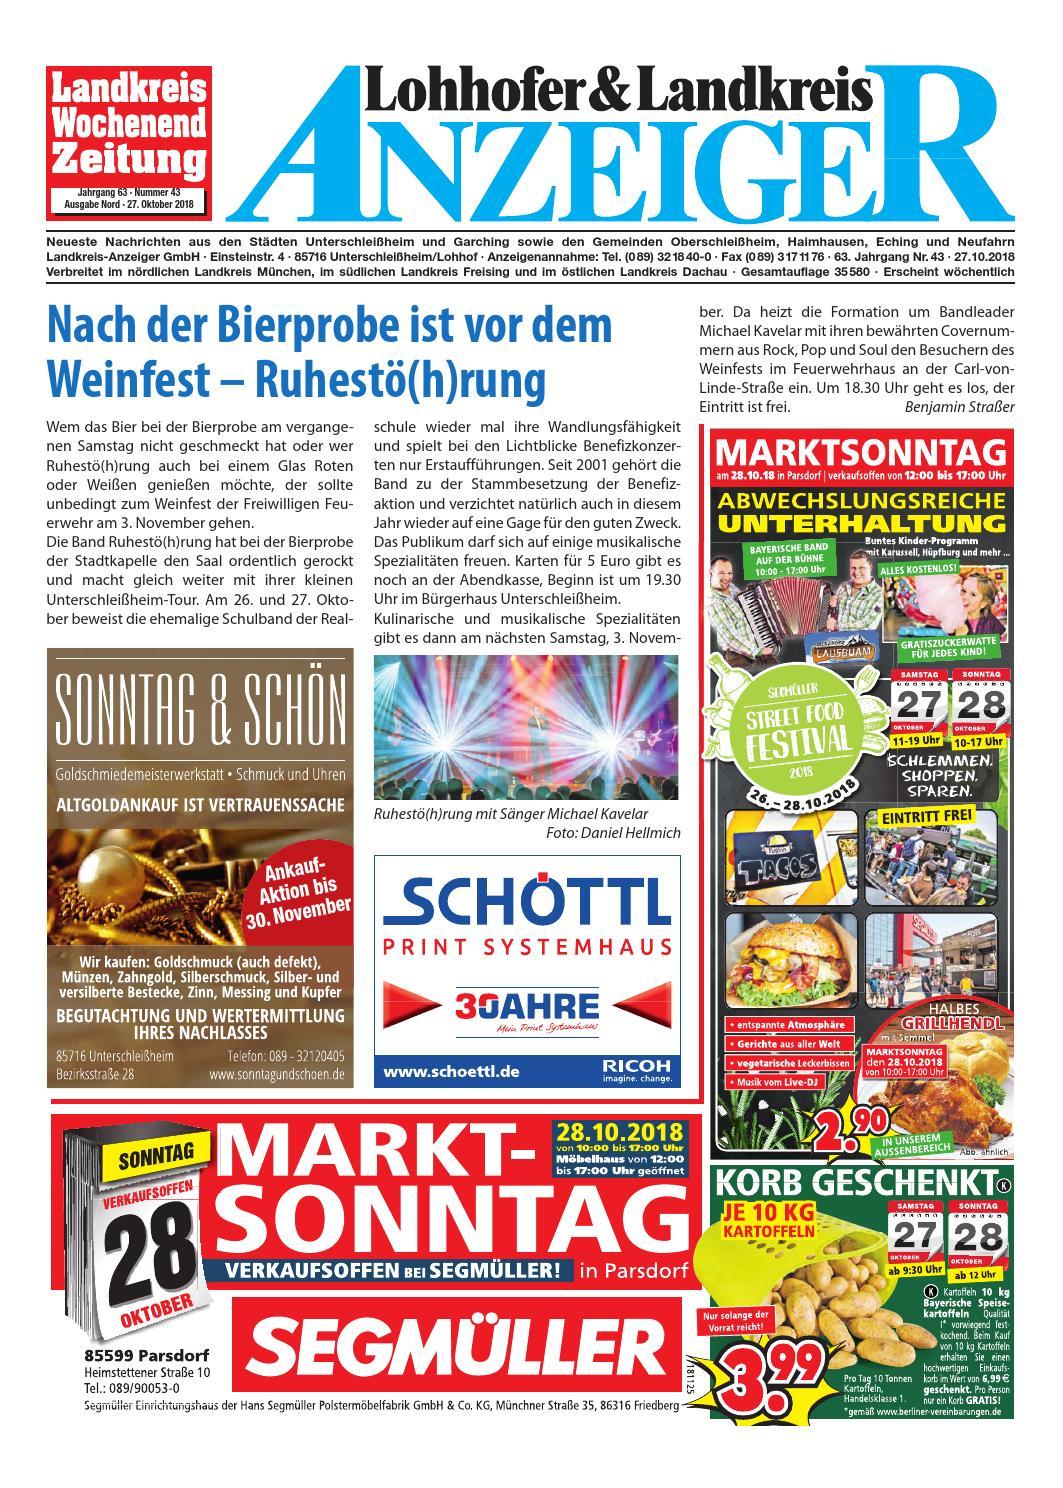 Lohhofer Landkreis Anzeiger 4318 By Zimmermann Gmbh Druck